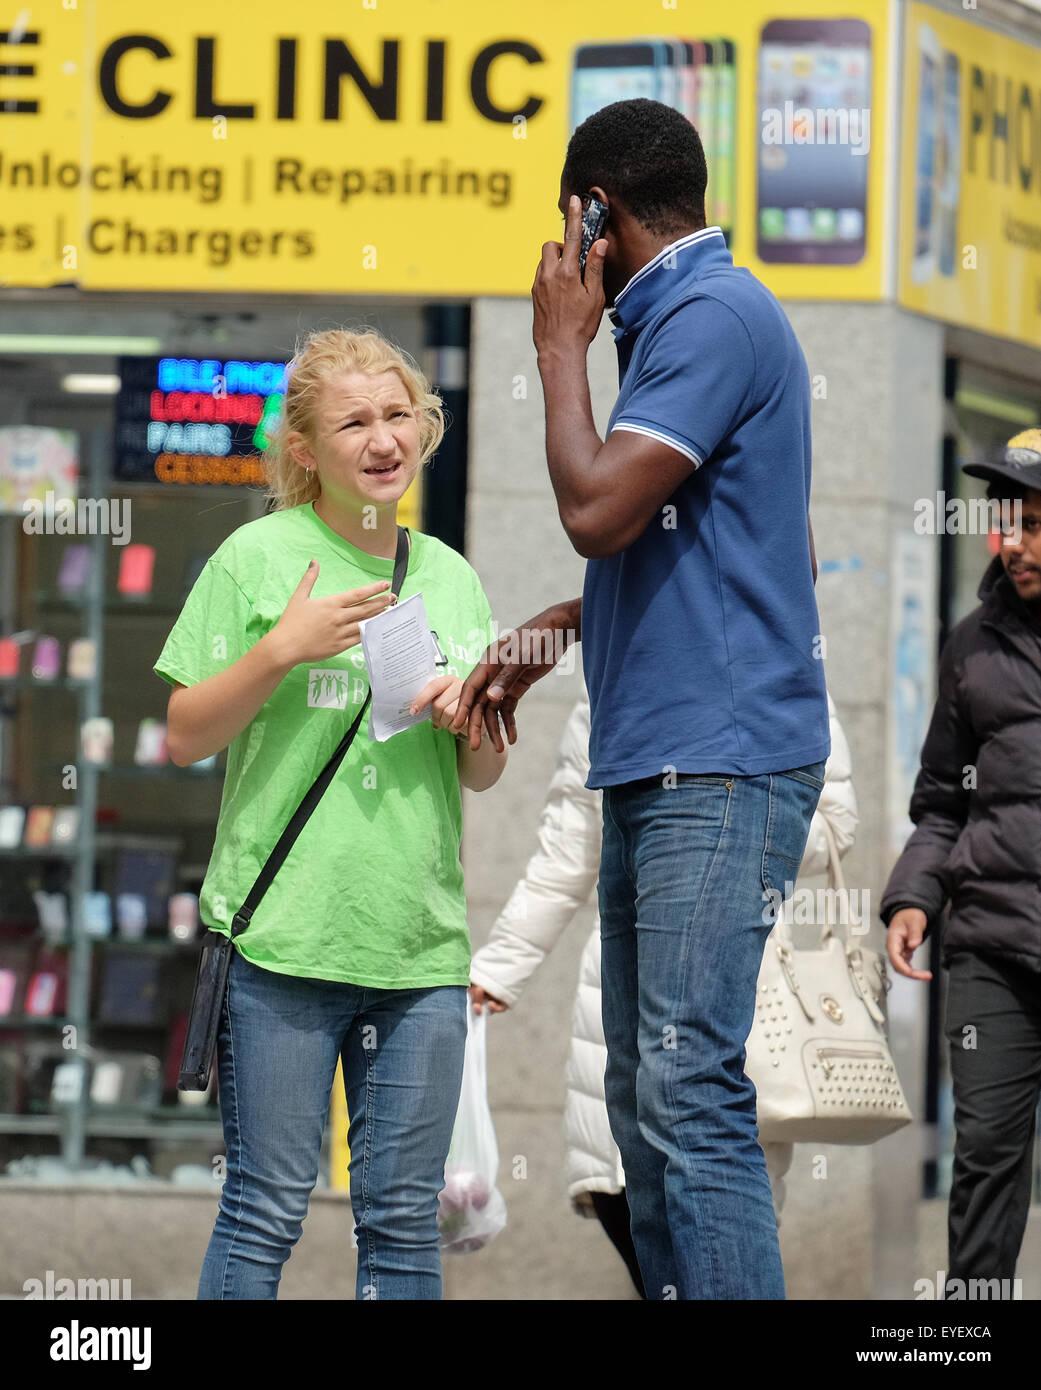 Ein Charity-Chugger stoppen einen Fußgänger auf der Straße in Southampton Stockbild